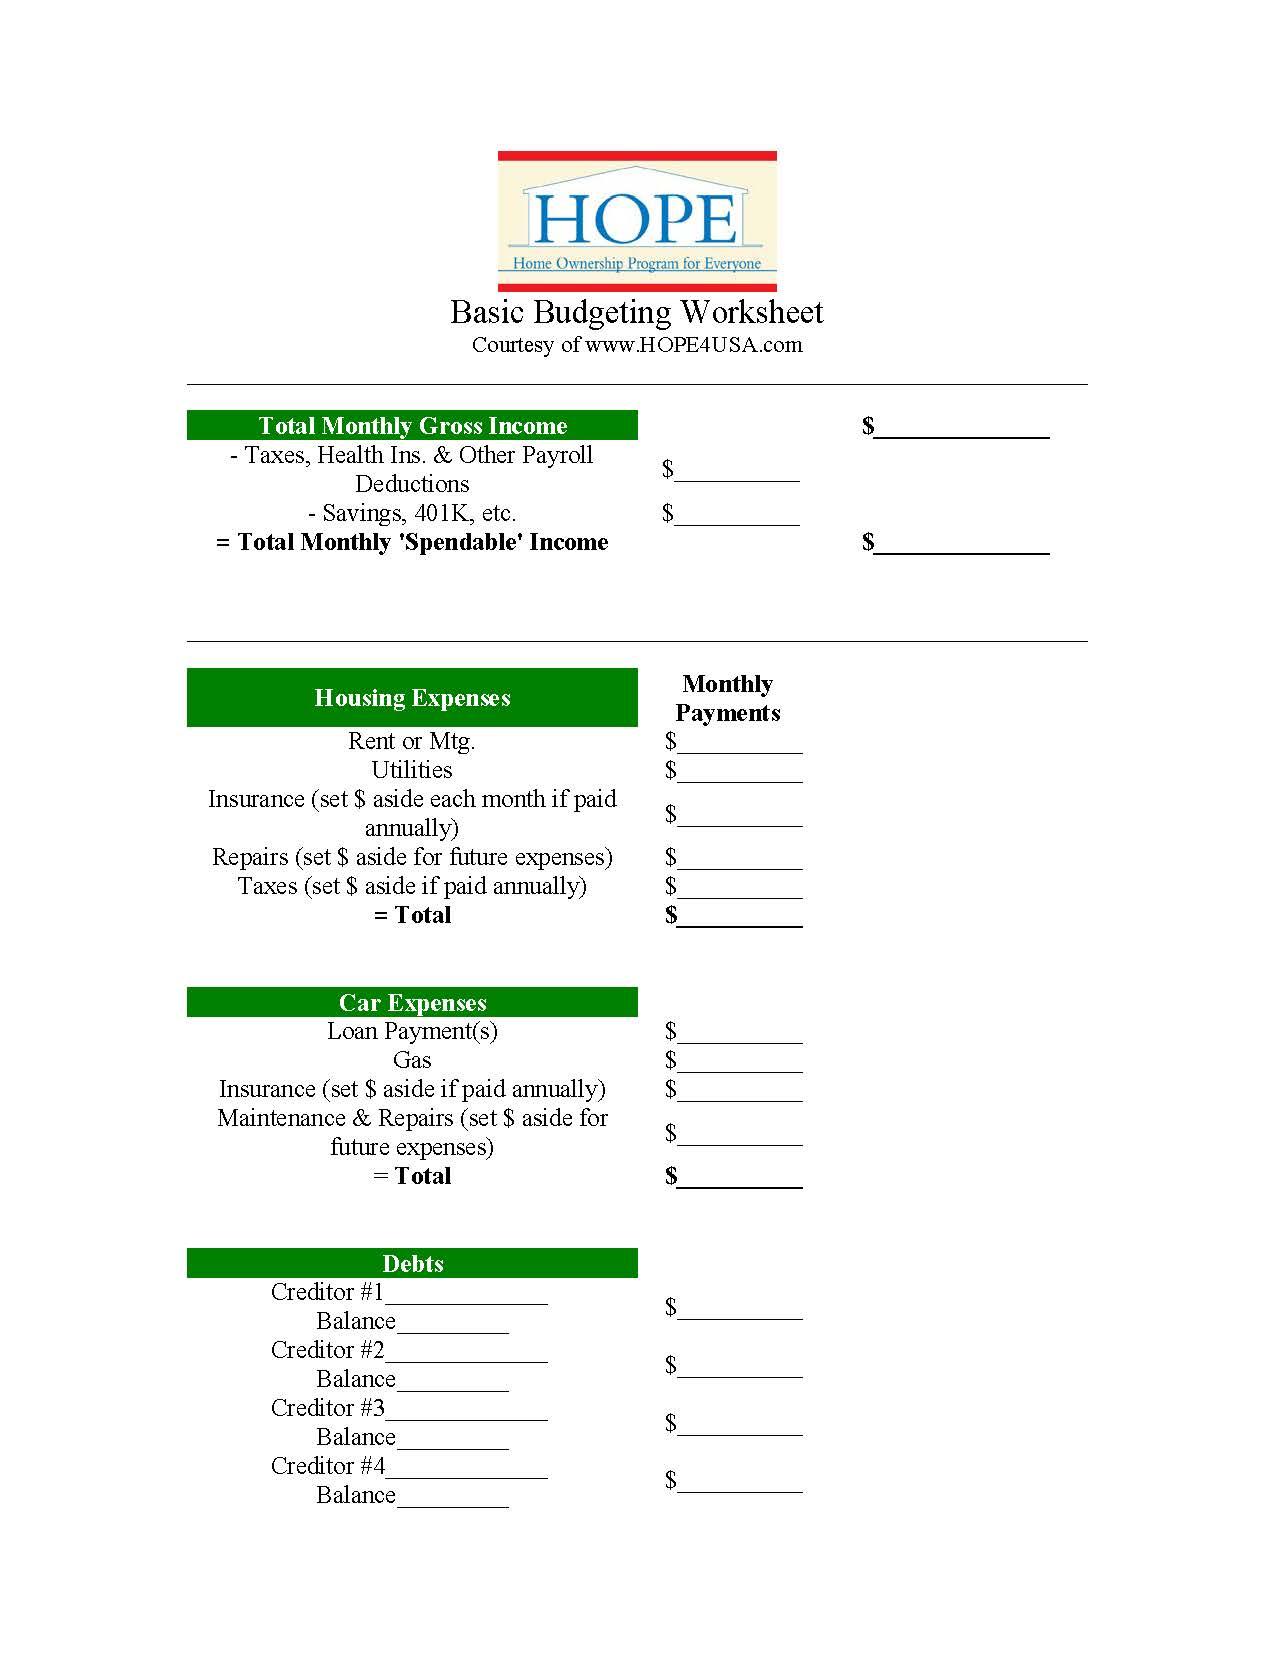 Free T Hope S Basic Budgeting Worksheet